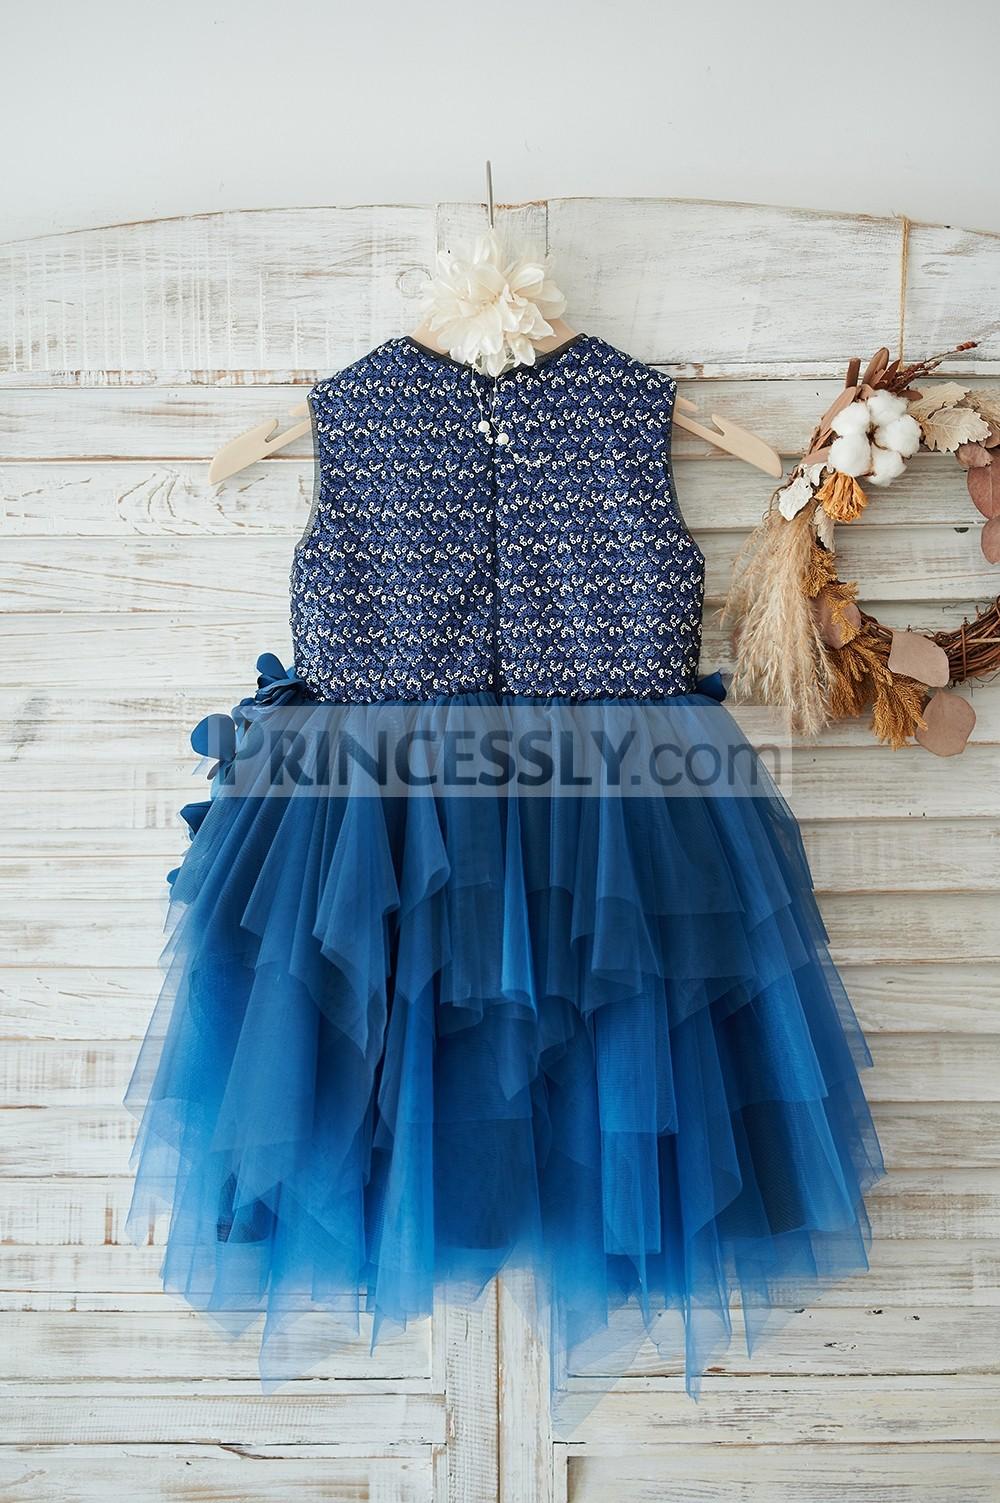 Navy blue tulle uneven skirt  wedding baby girl dress